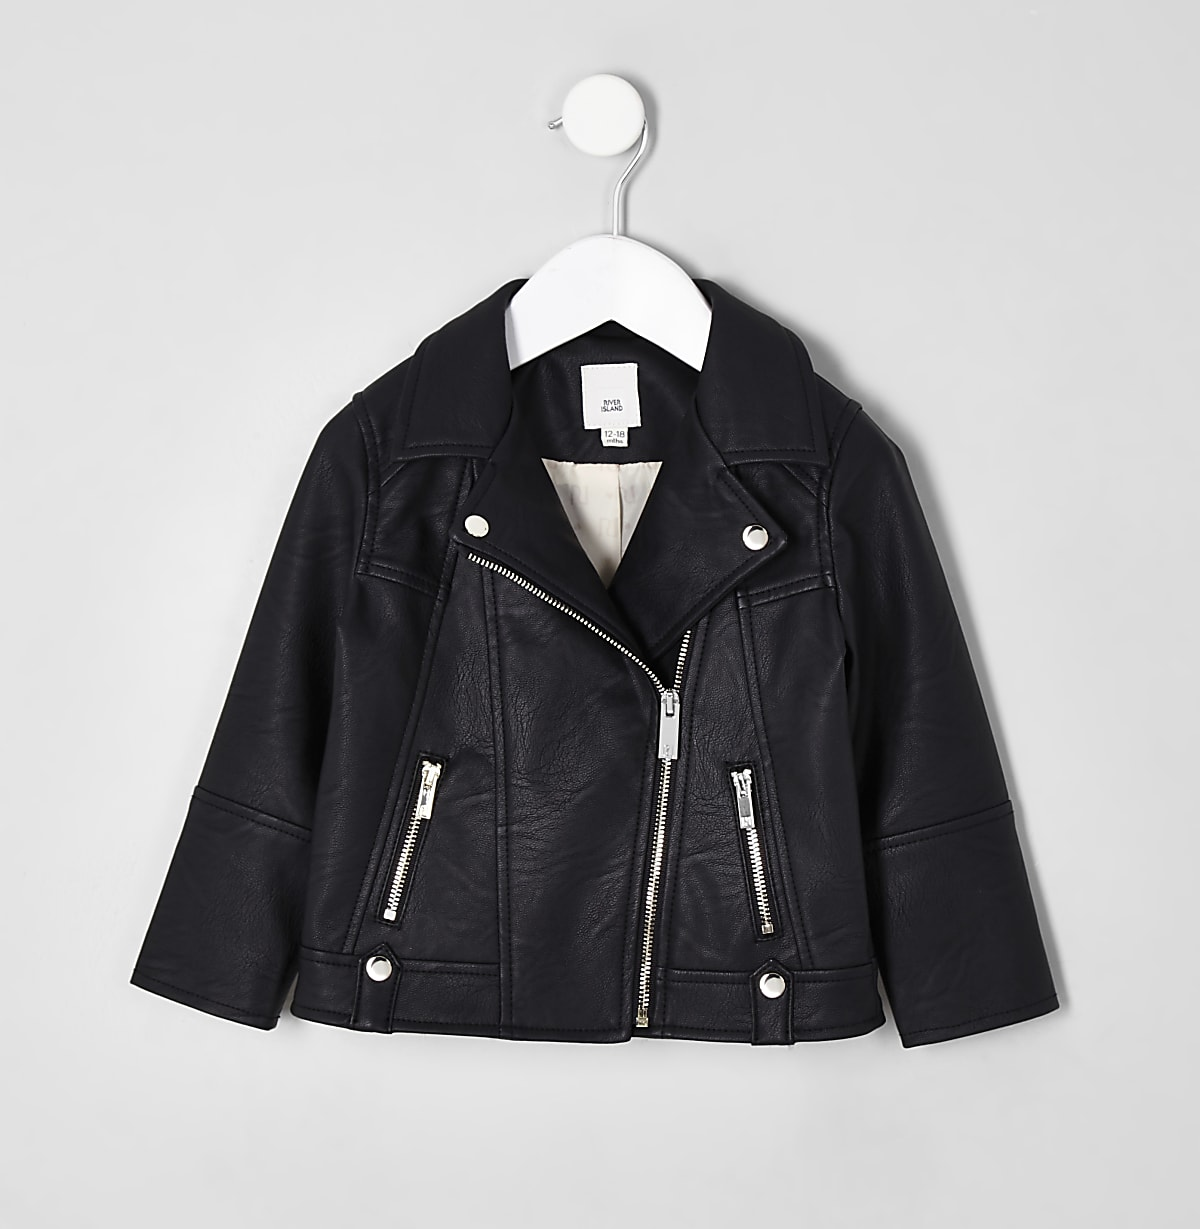 a9efcaf4f8c27 Perfecto en cuir synthétique noir pour mini fille - Manteaux bébé ...